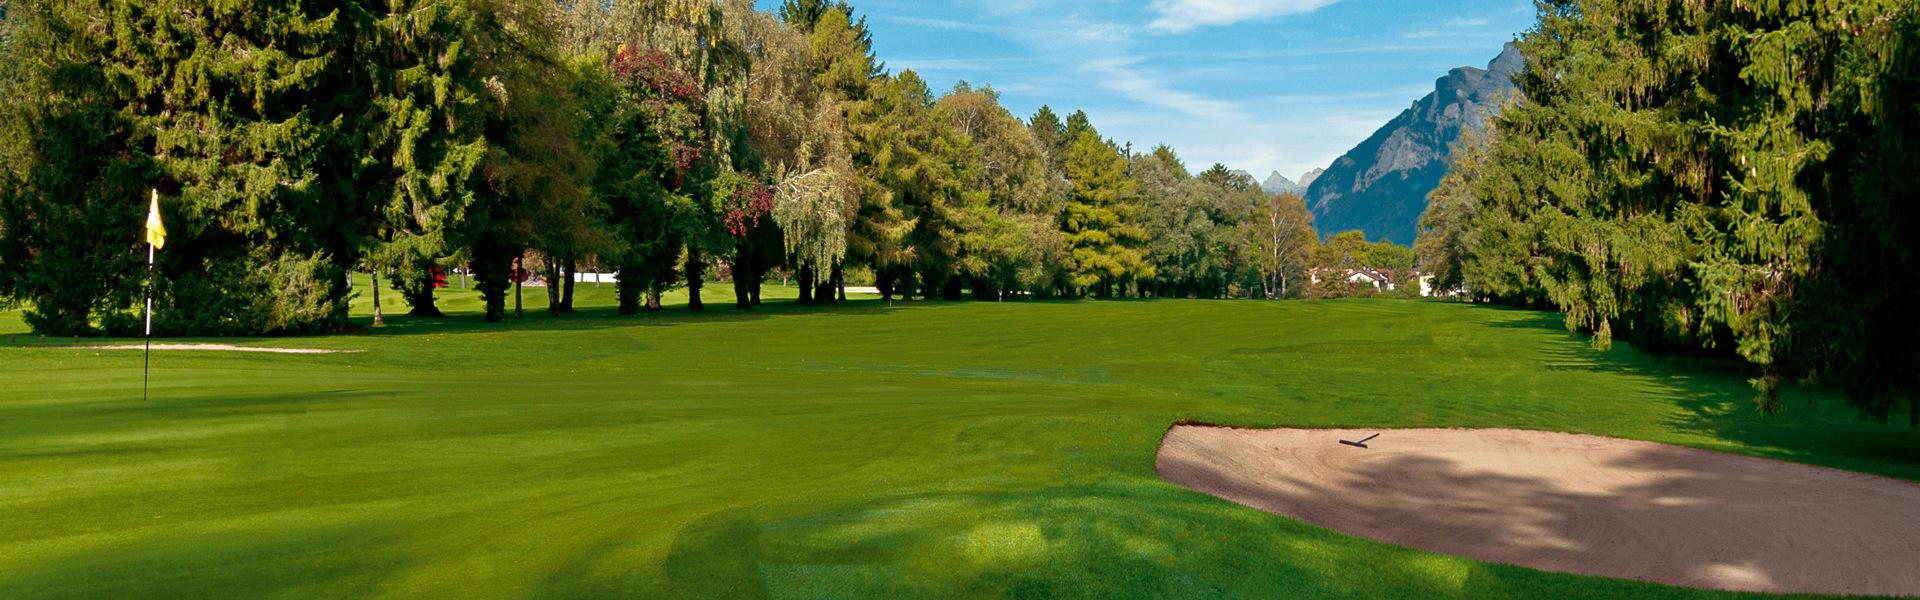 Verein Uitikon Golferinnen und Golfer